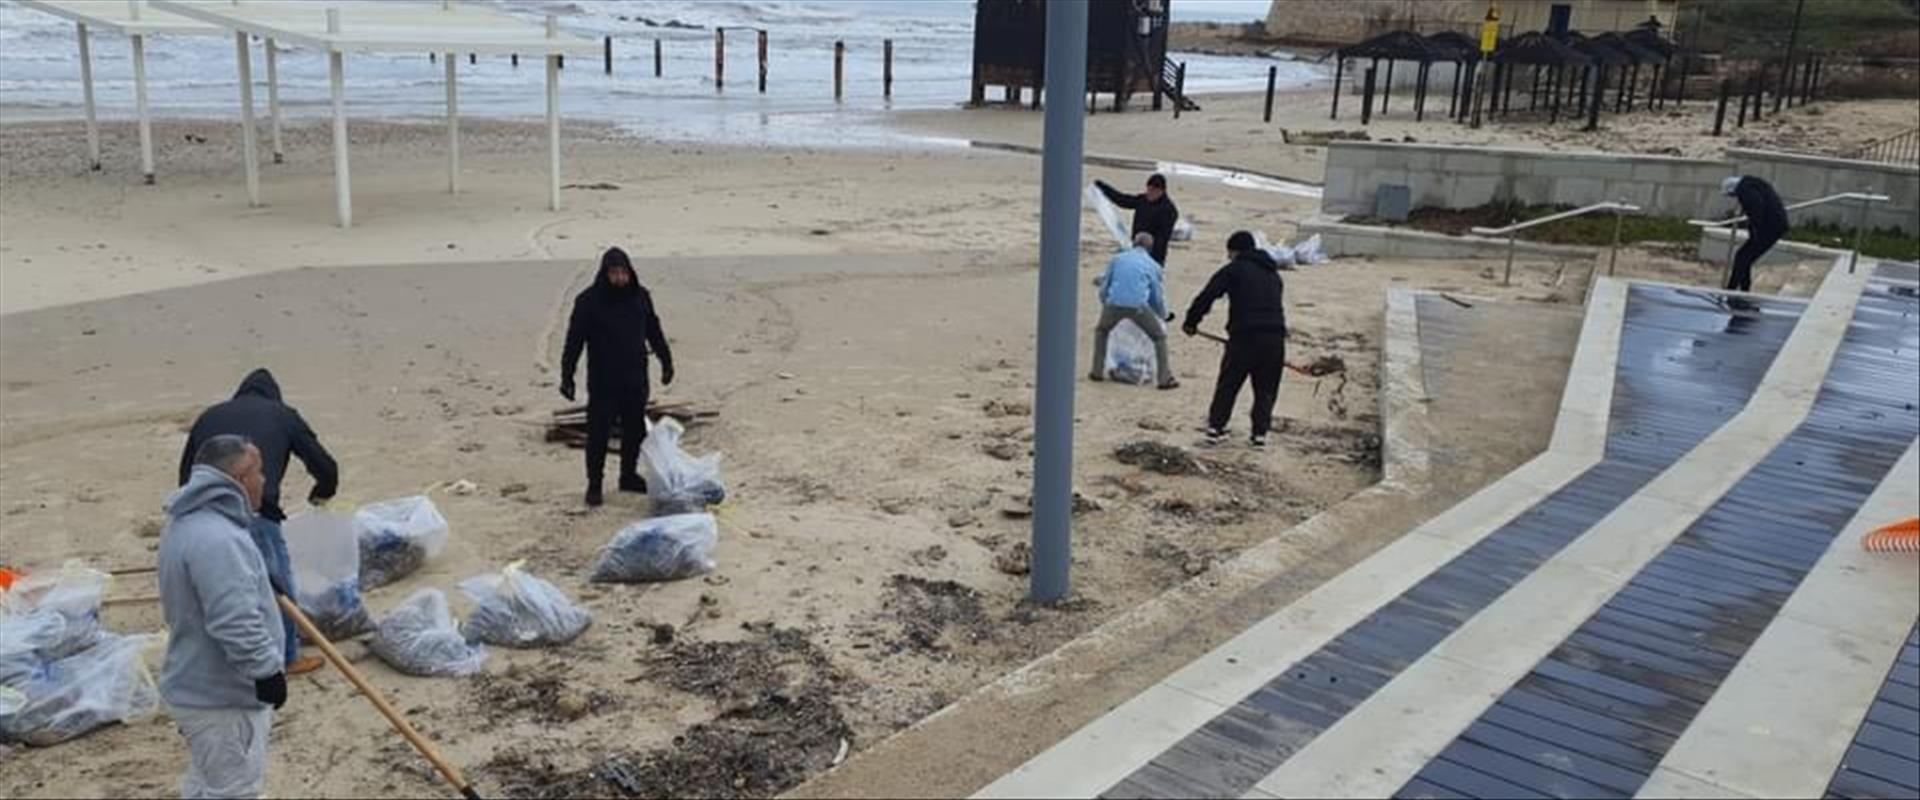 ניקיון חוף אולגה בעקבות זיהום הזפת